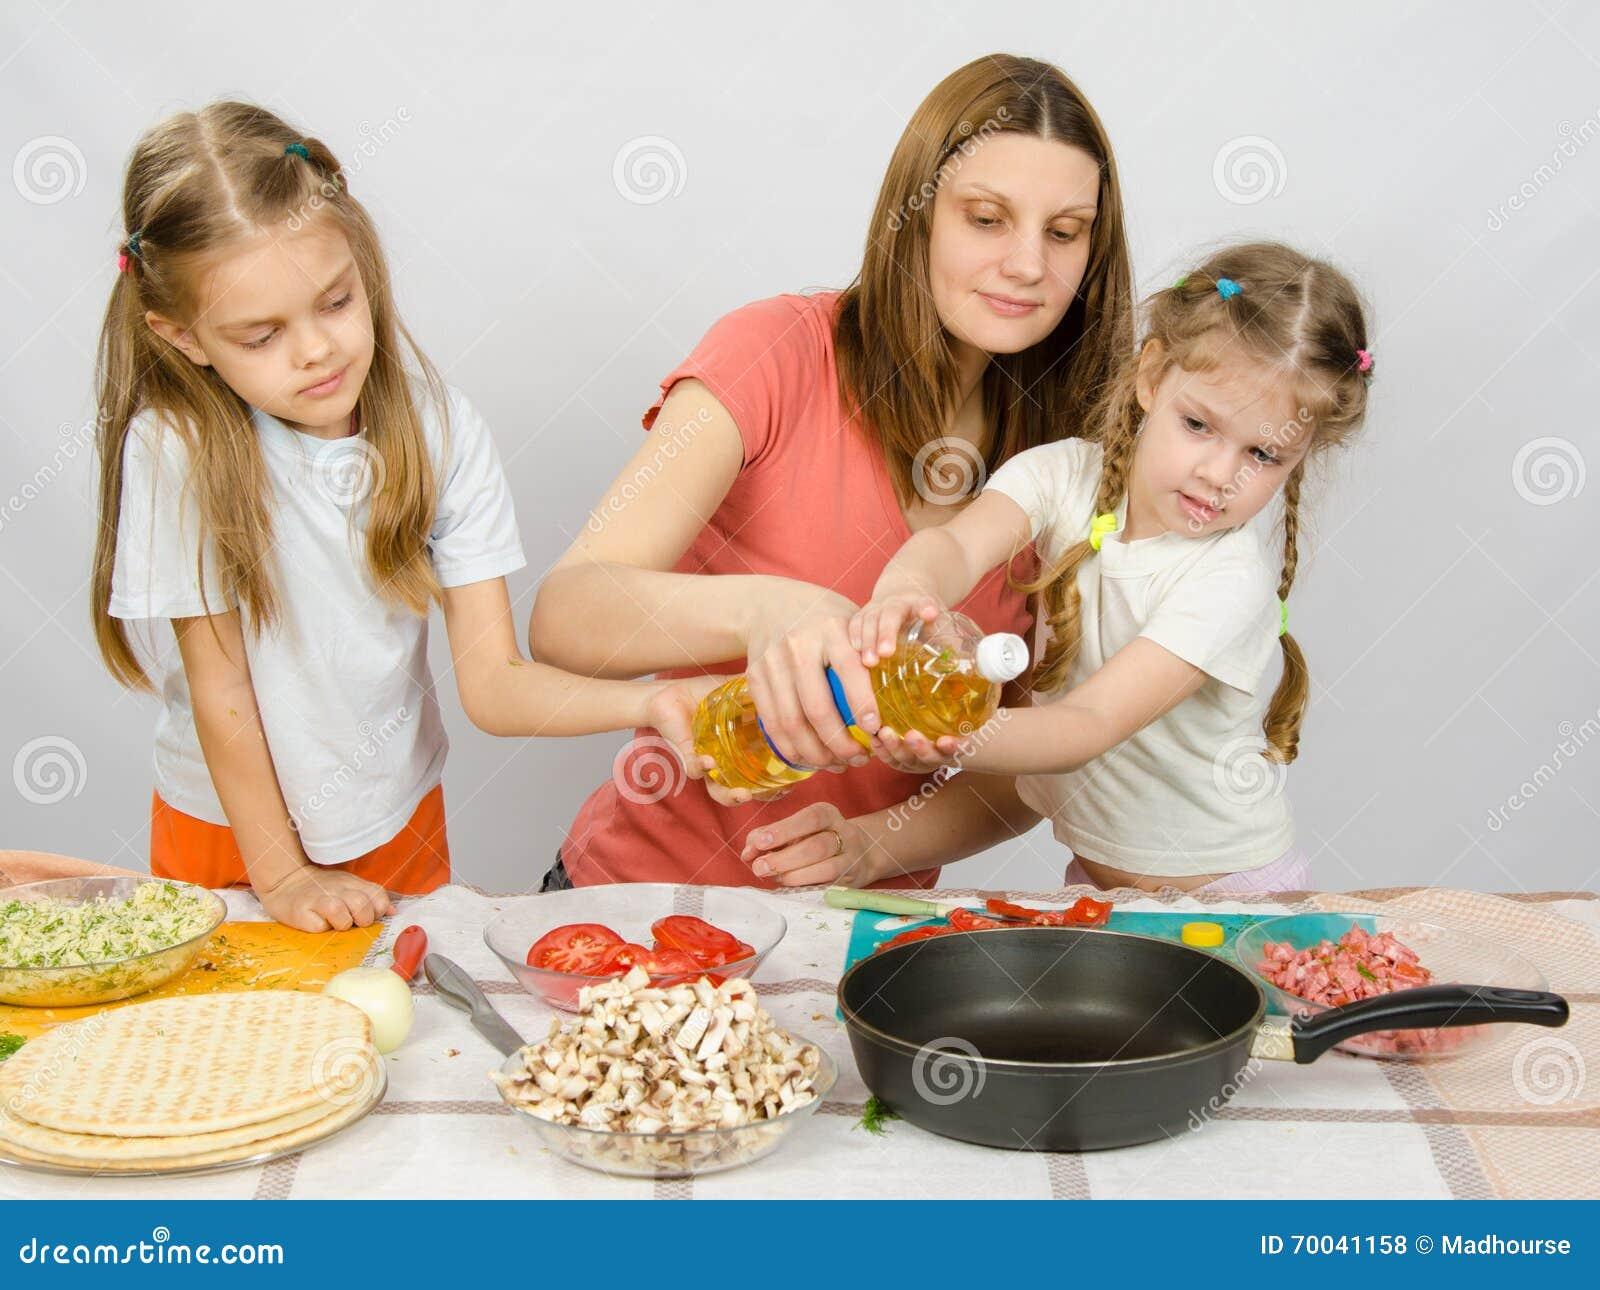 deux petites filles la table de cuisine avec enthousiasme pour aider ma m re verser l 39 huile. Black Bedroom Furniture Sets. Home Design Ideas